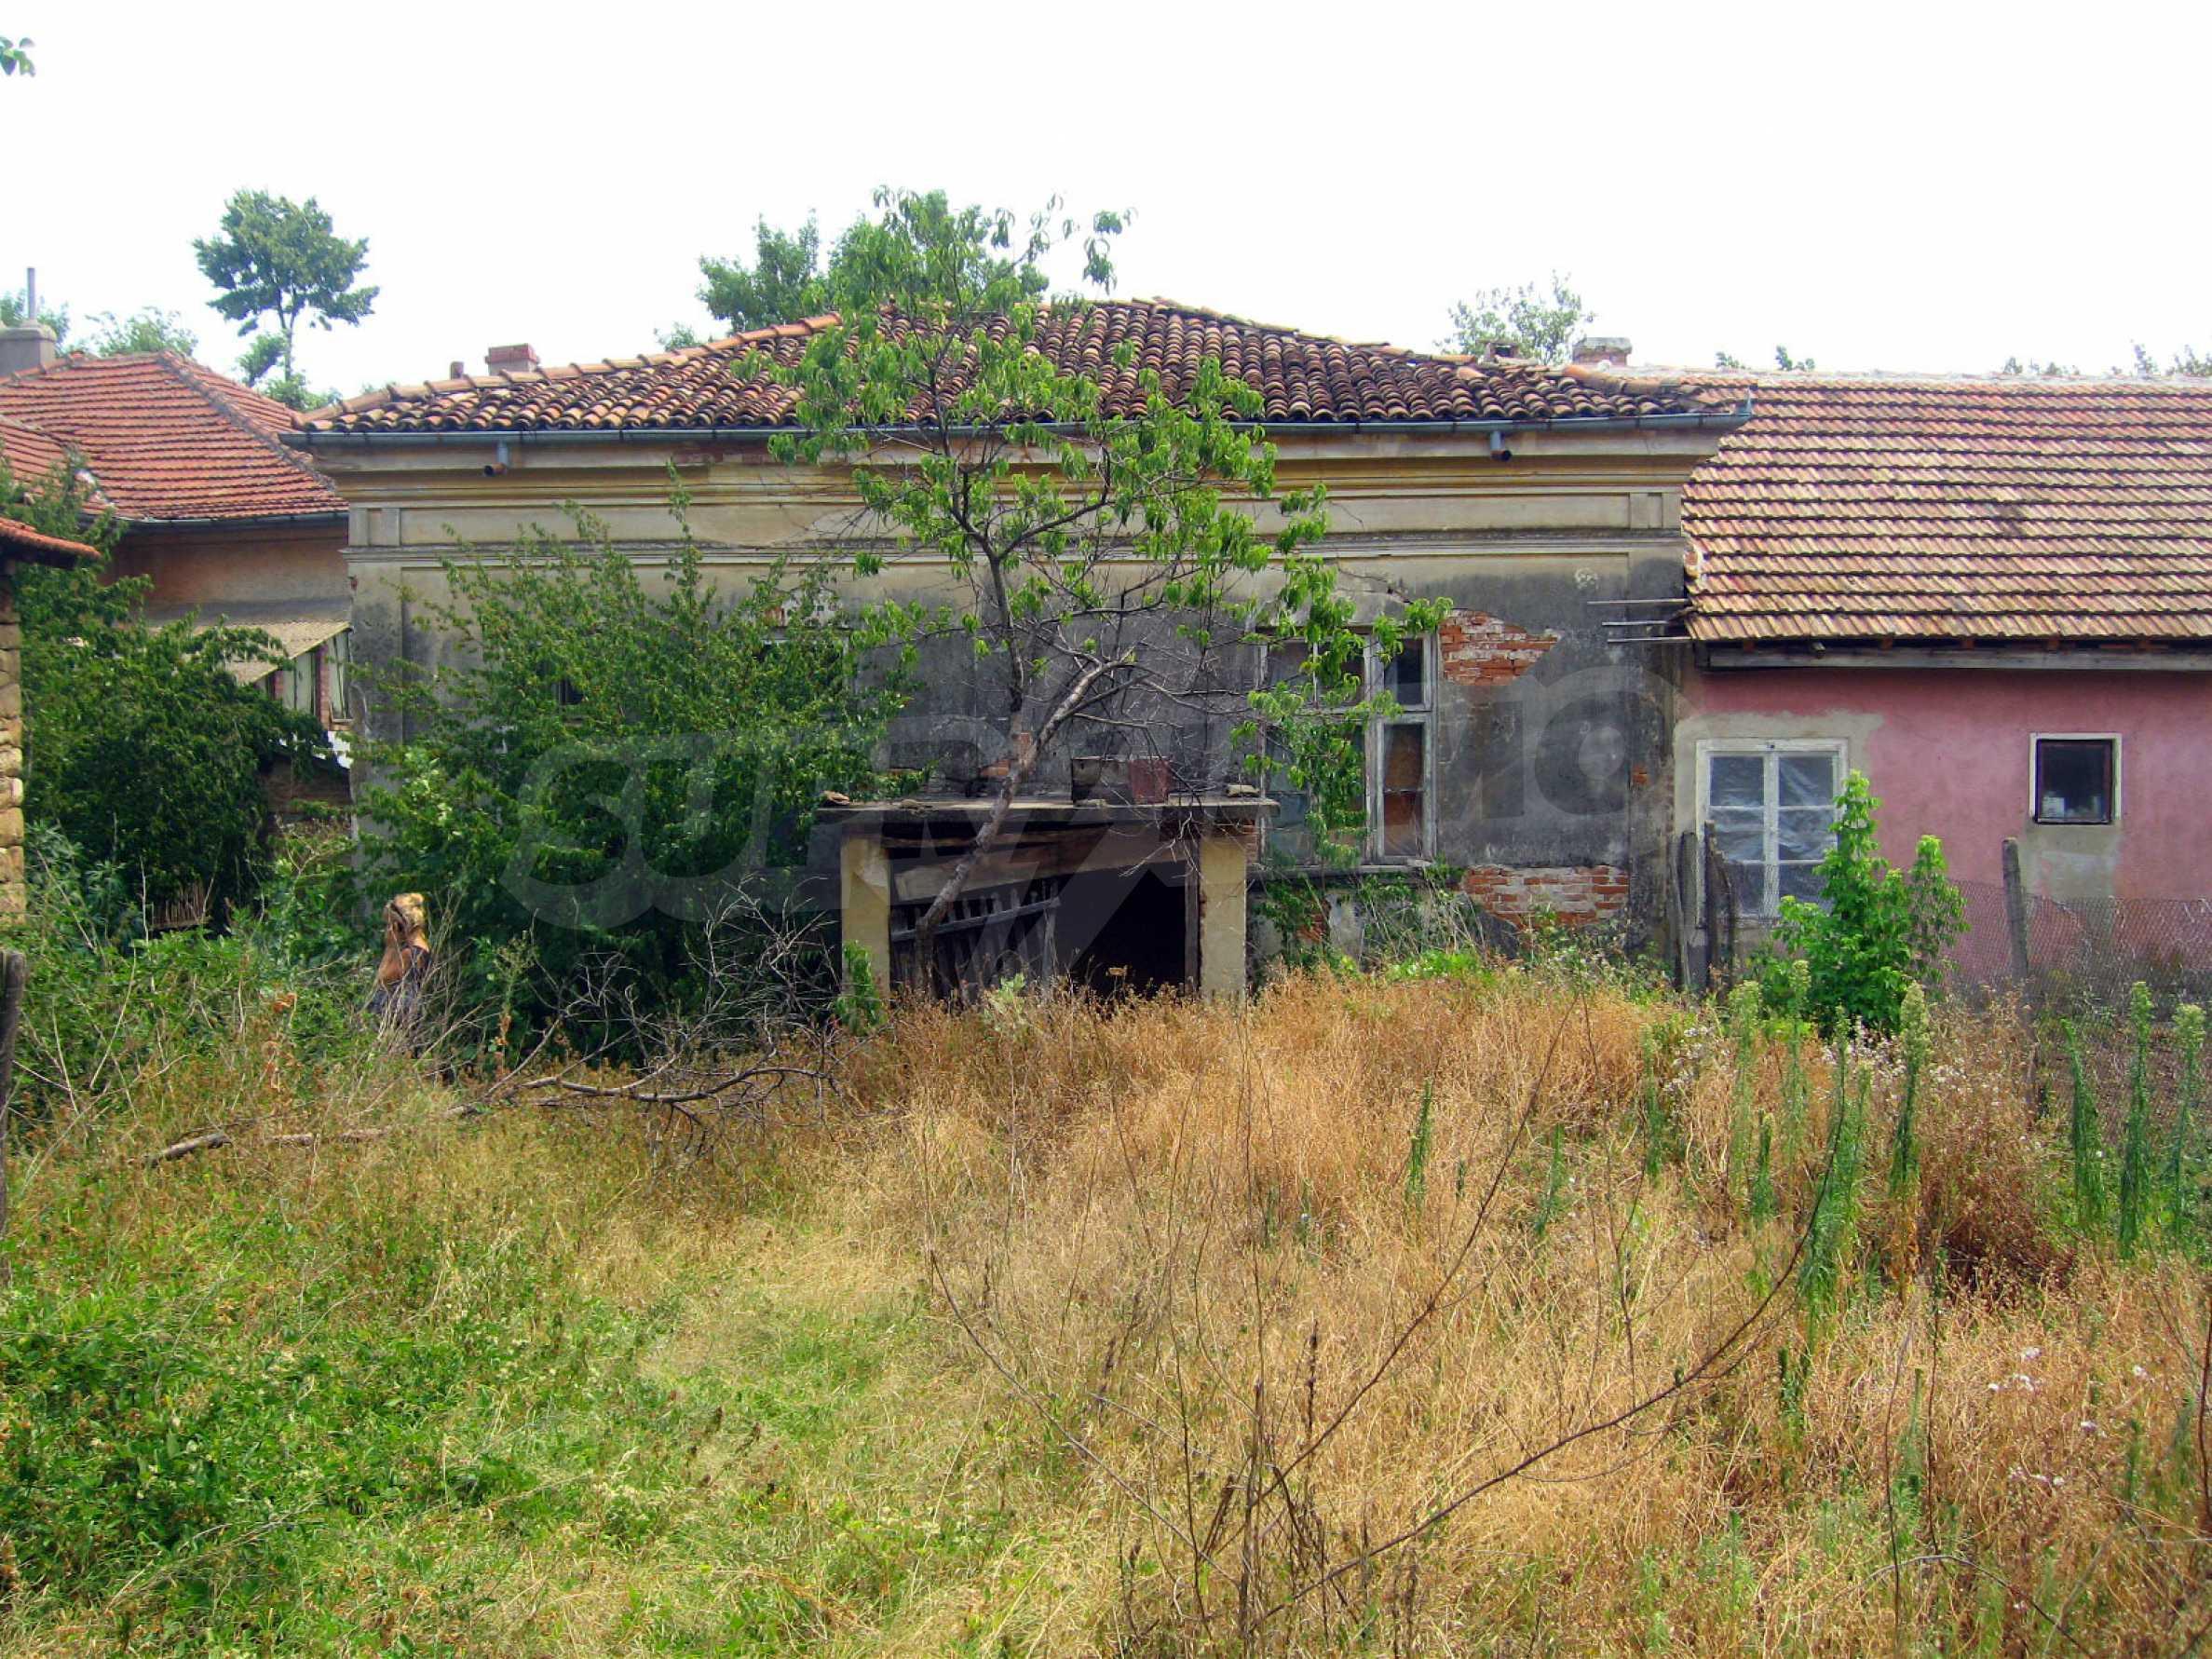 Einstöckiges Haus in einer kleinen Stadt, nur 15 km von Pavlikeni entfernt 24